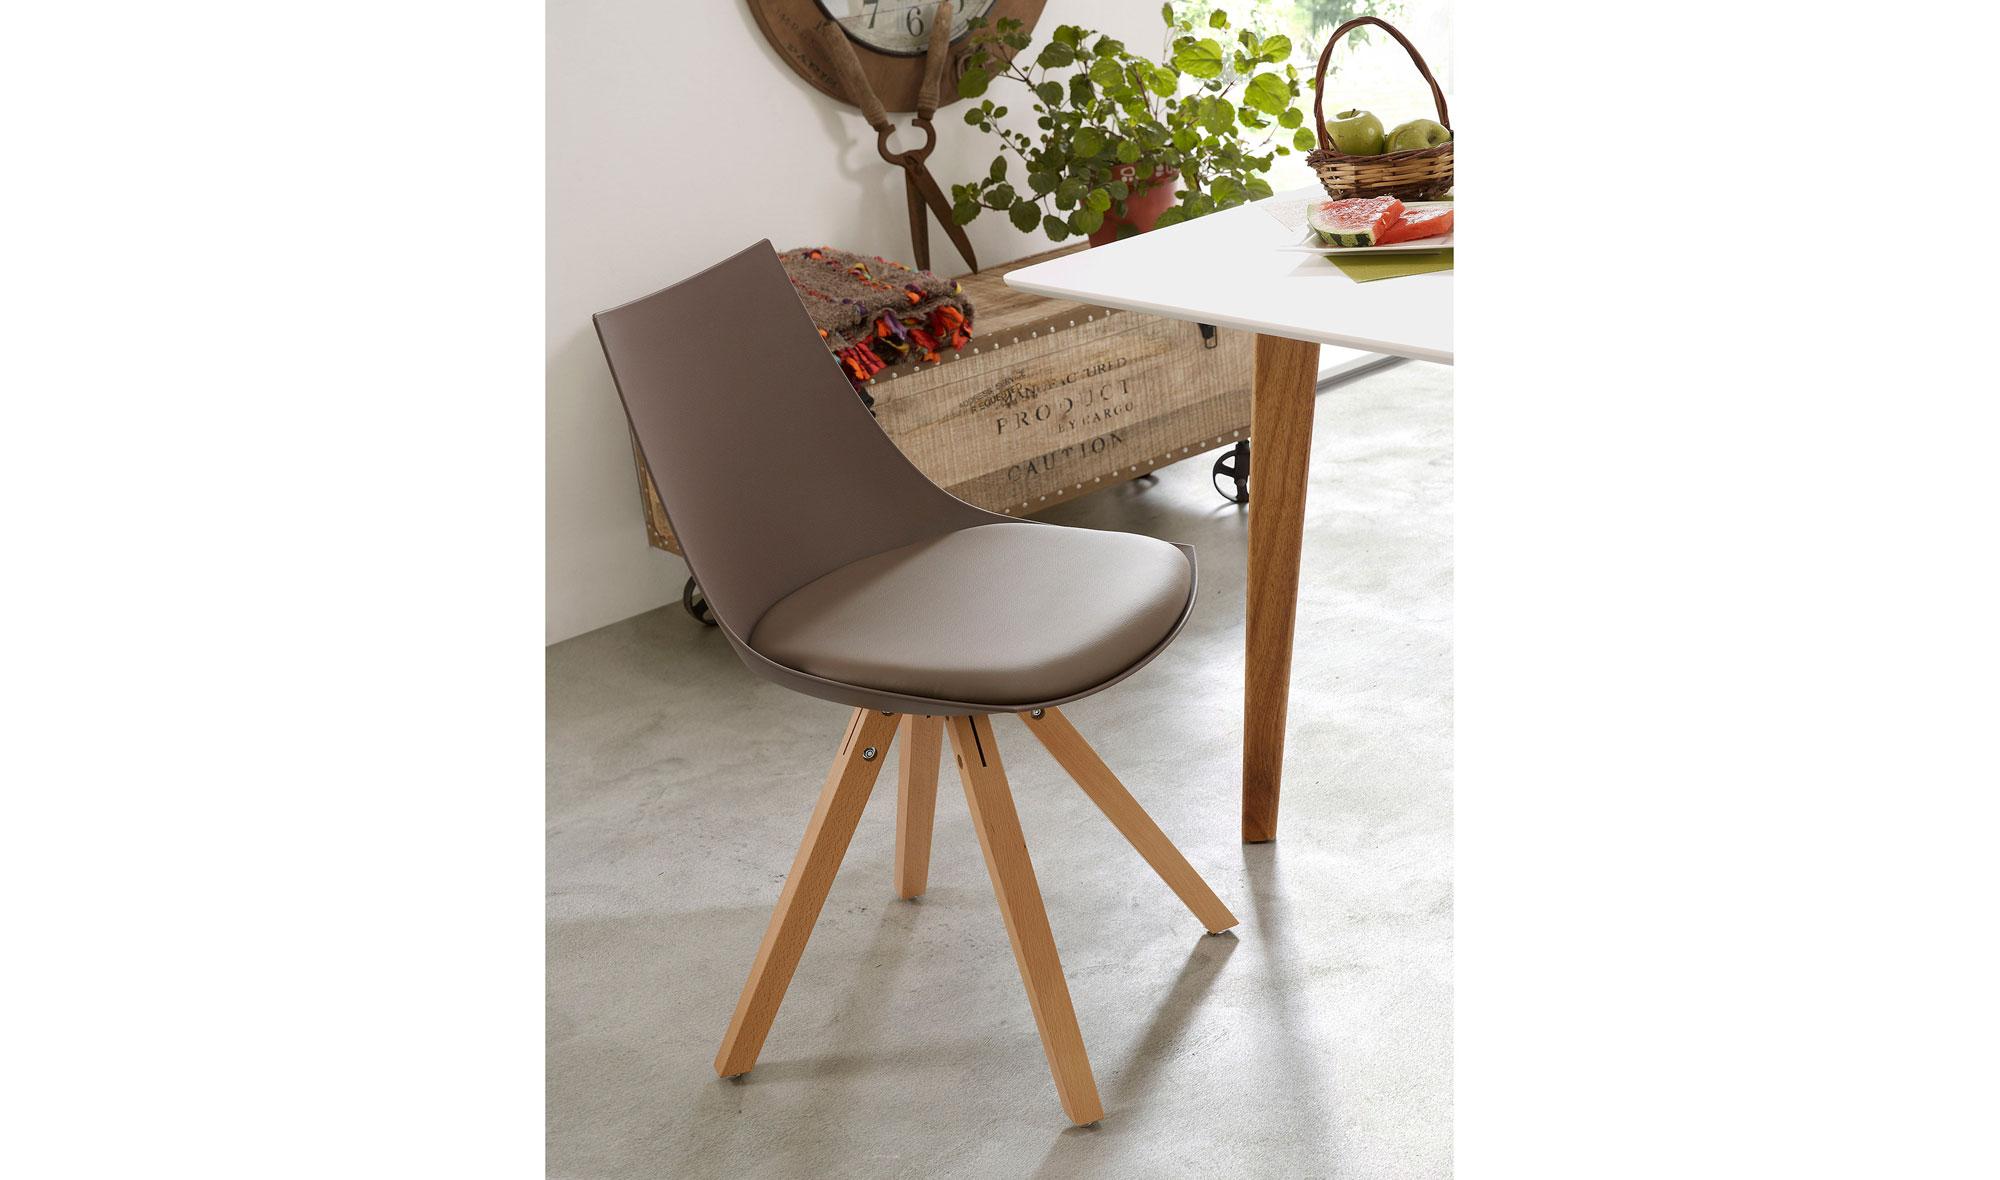 Silla madera moderna gallery of silla moderna jazz madera for Sillas de madera modernas